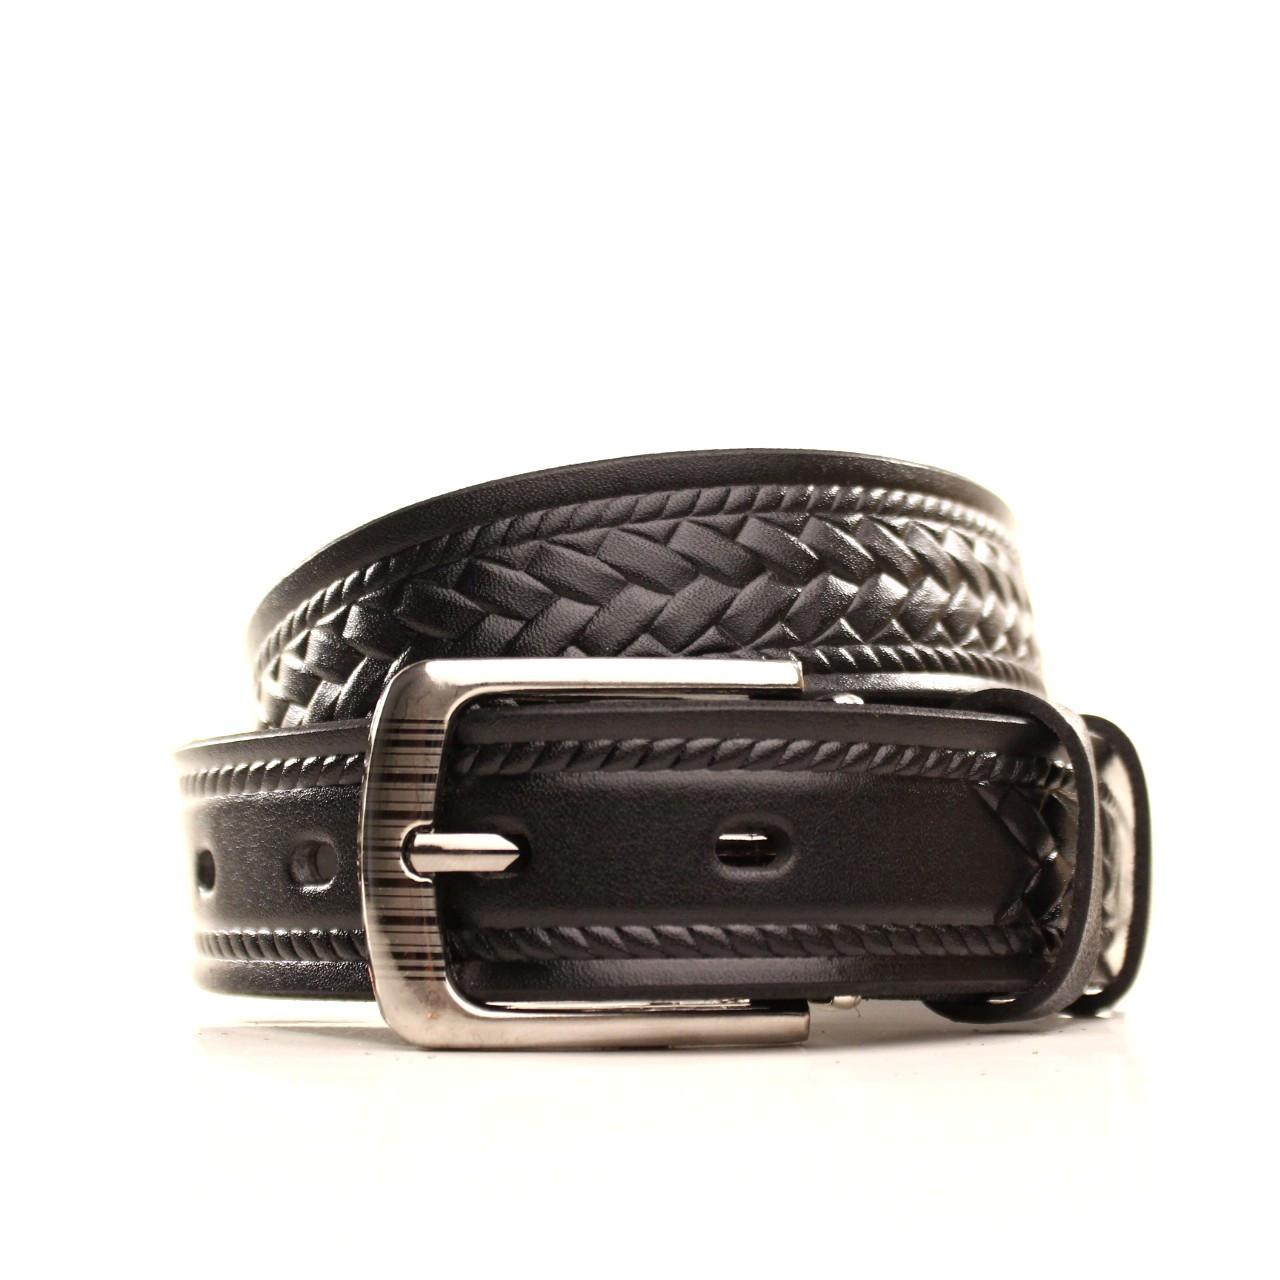 Ремень кожаный Lazar 70-80 см черный l30u3w11